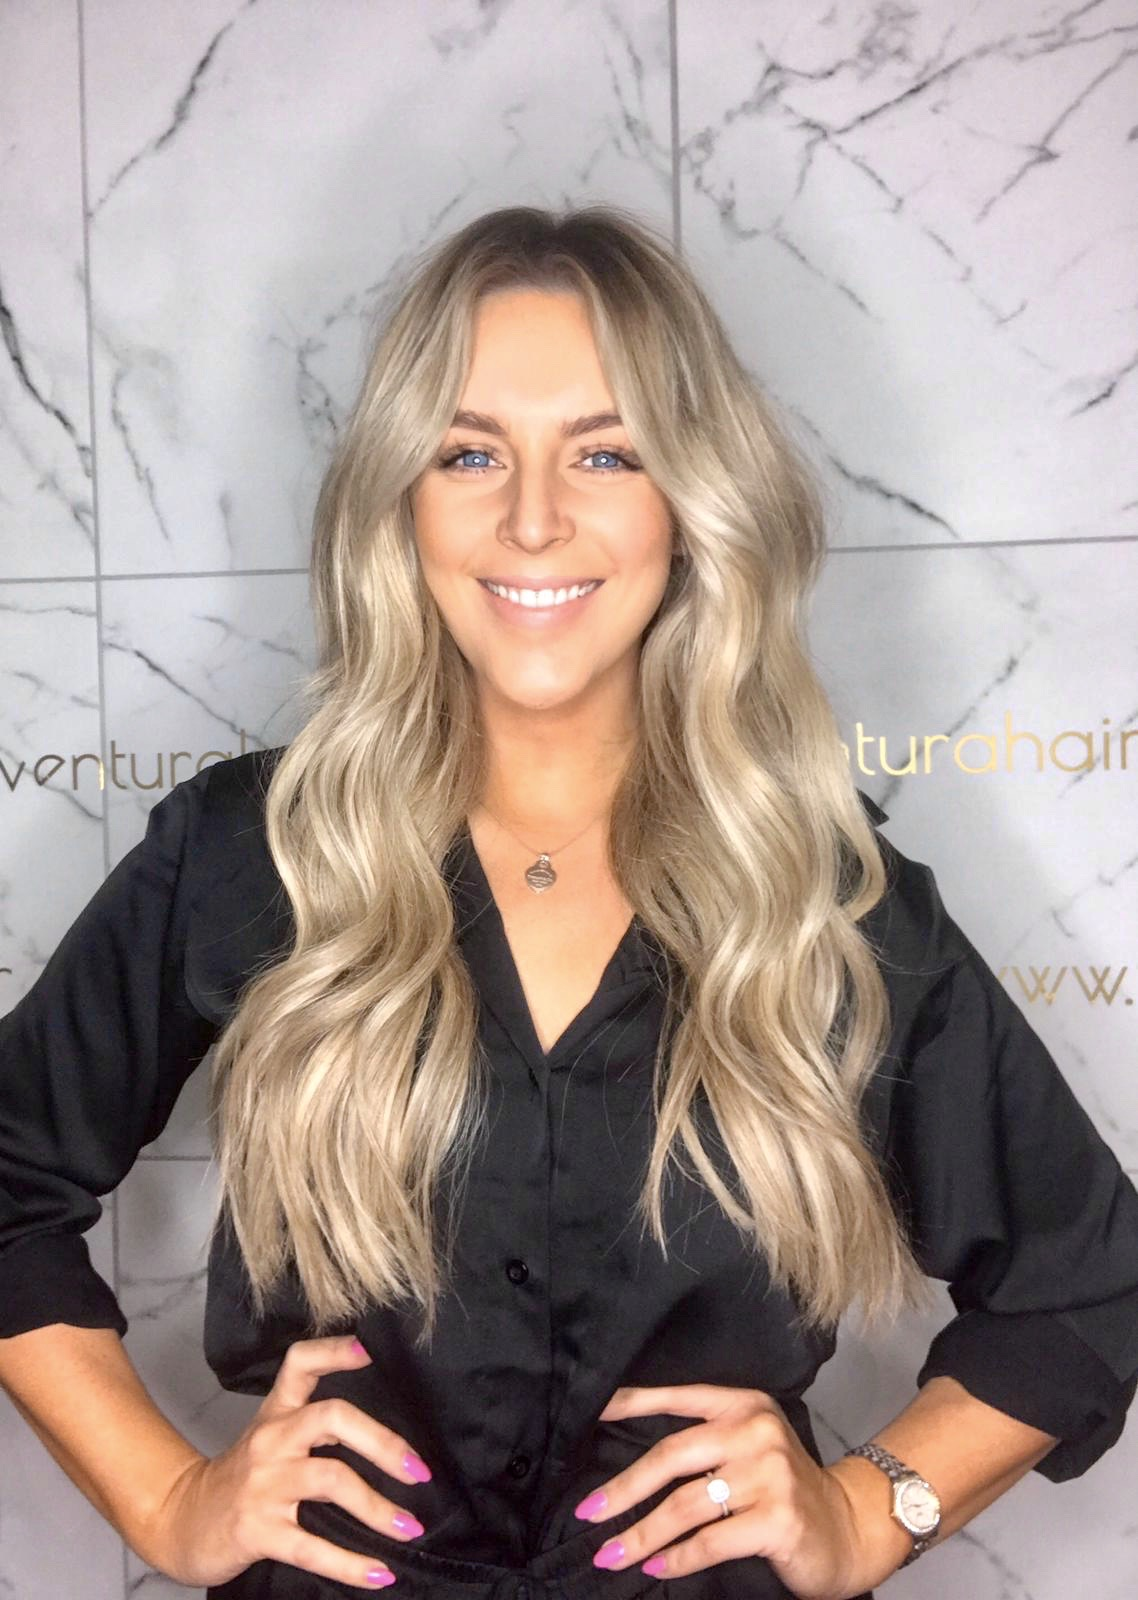 Sarah Salon Manager